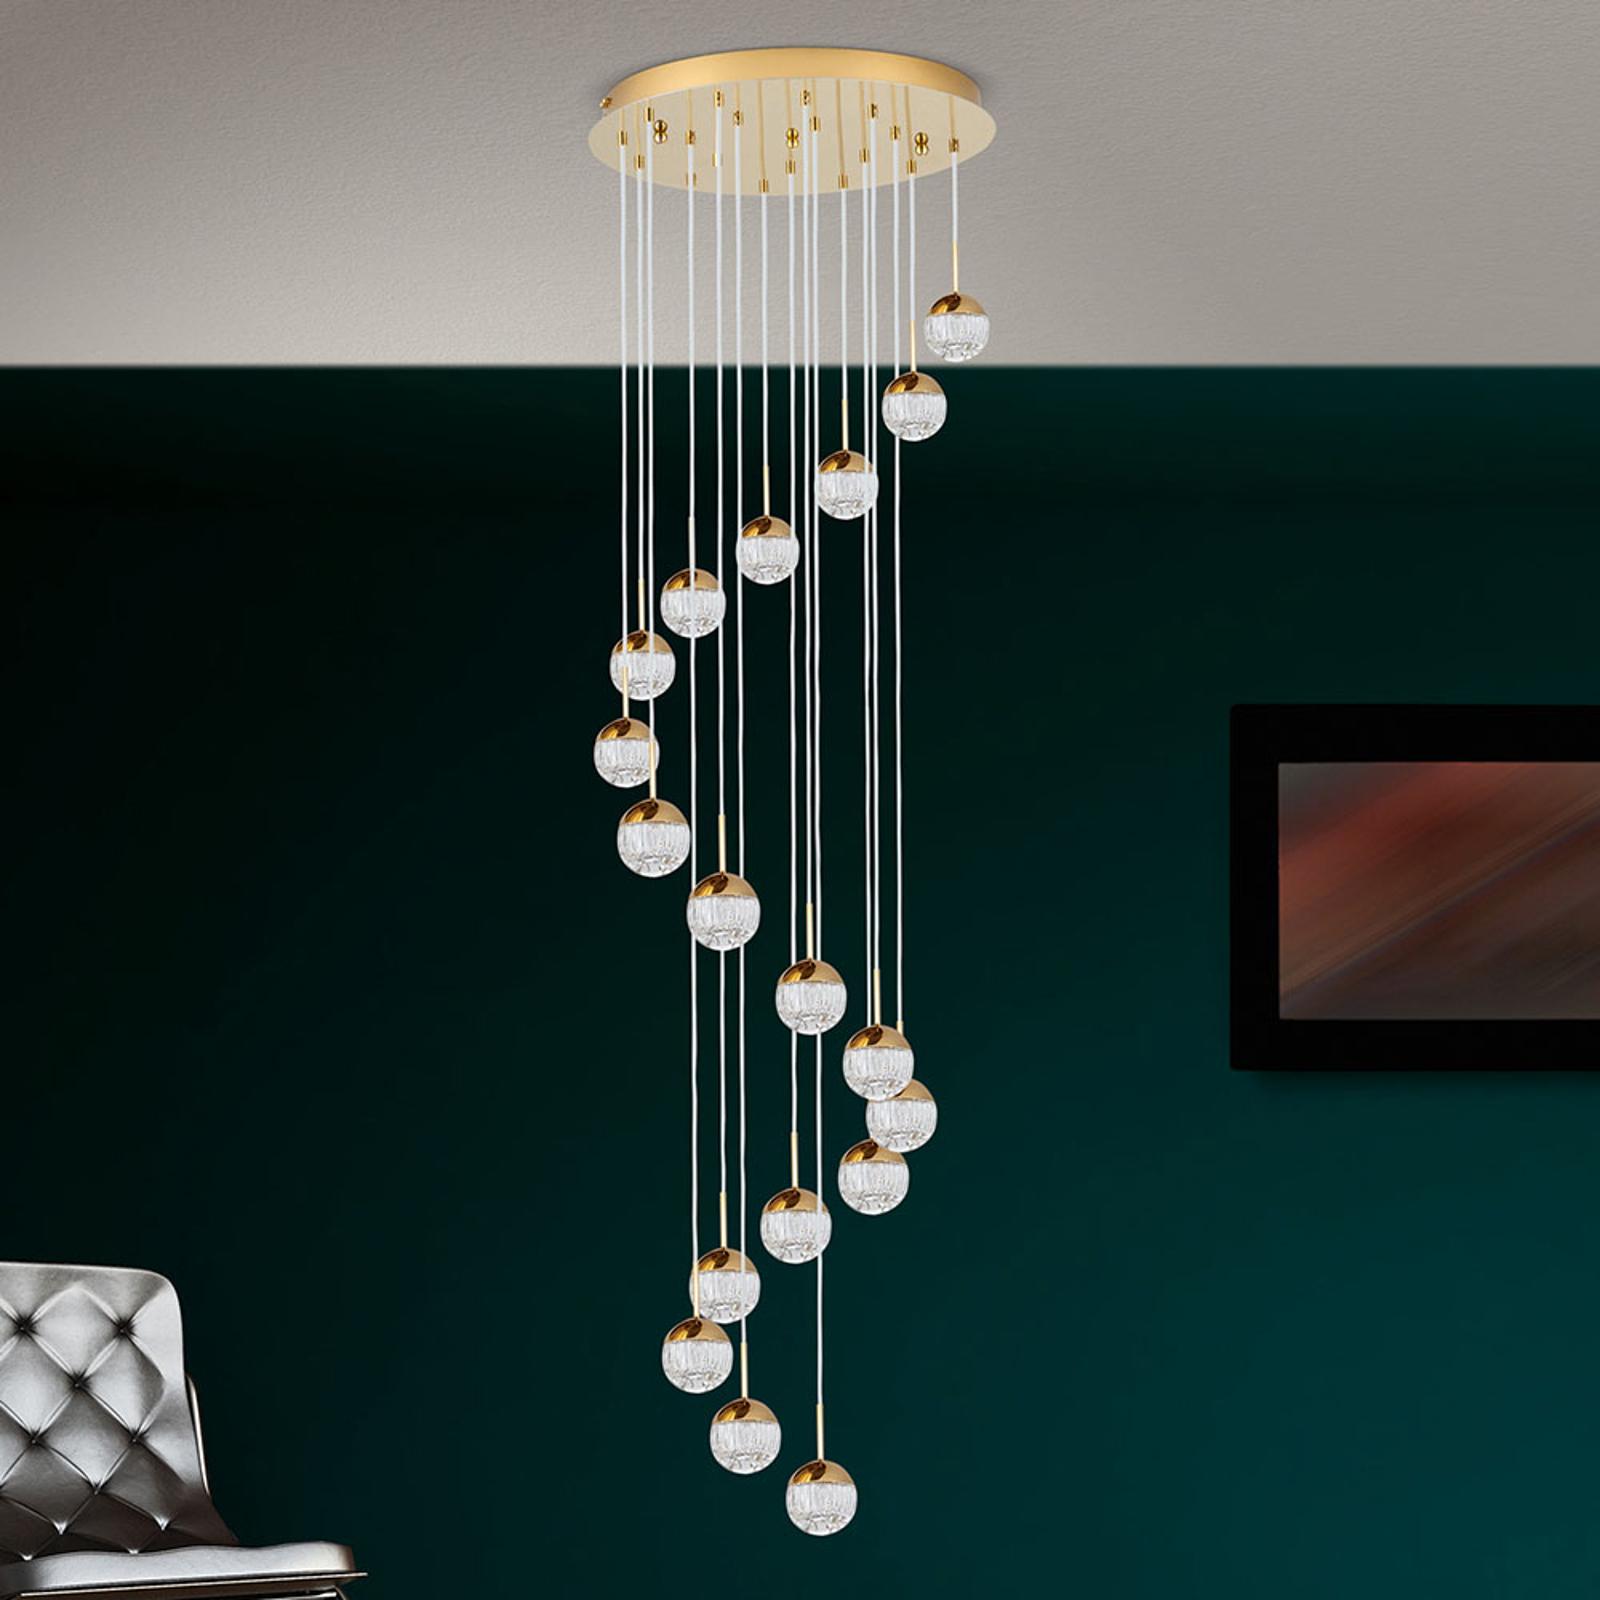 LED-riippuvalaisin Ball 18-lamppuinen, kulta/kerma